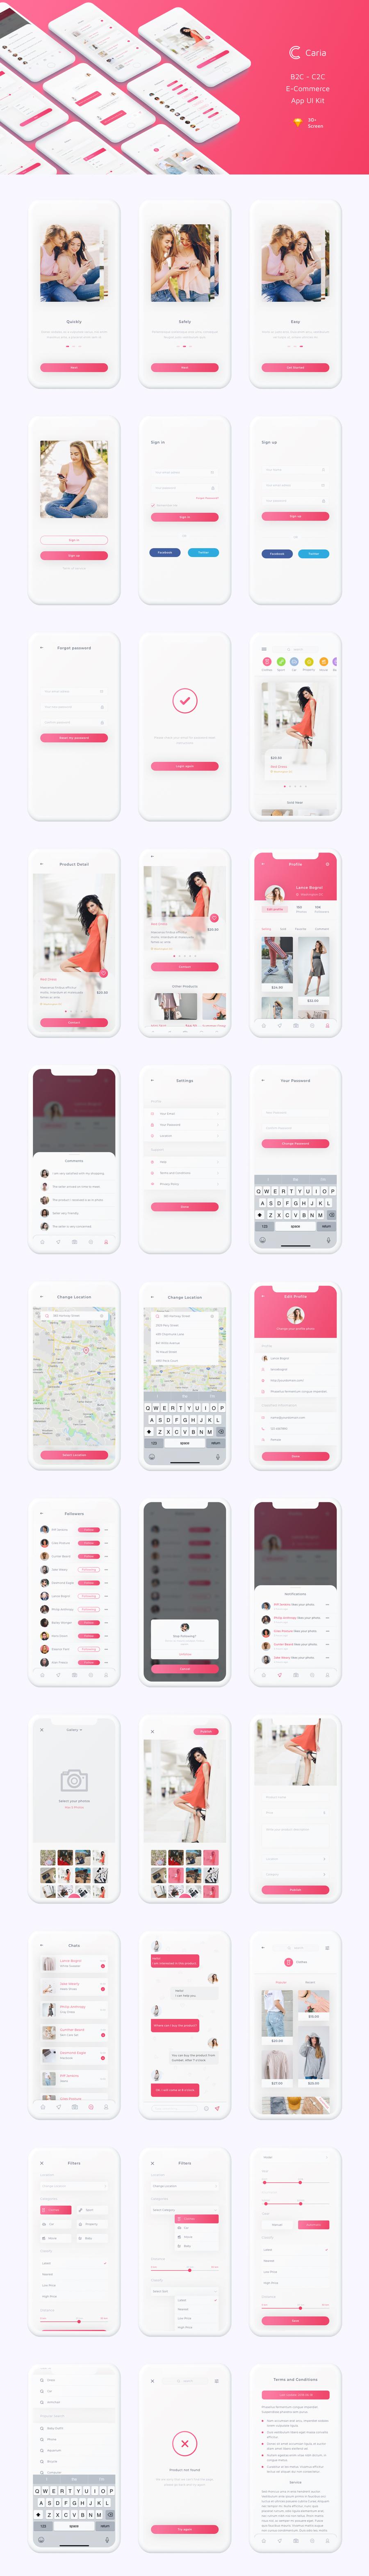 Caria - eCommerce App UI Kit - 1